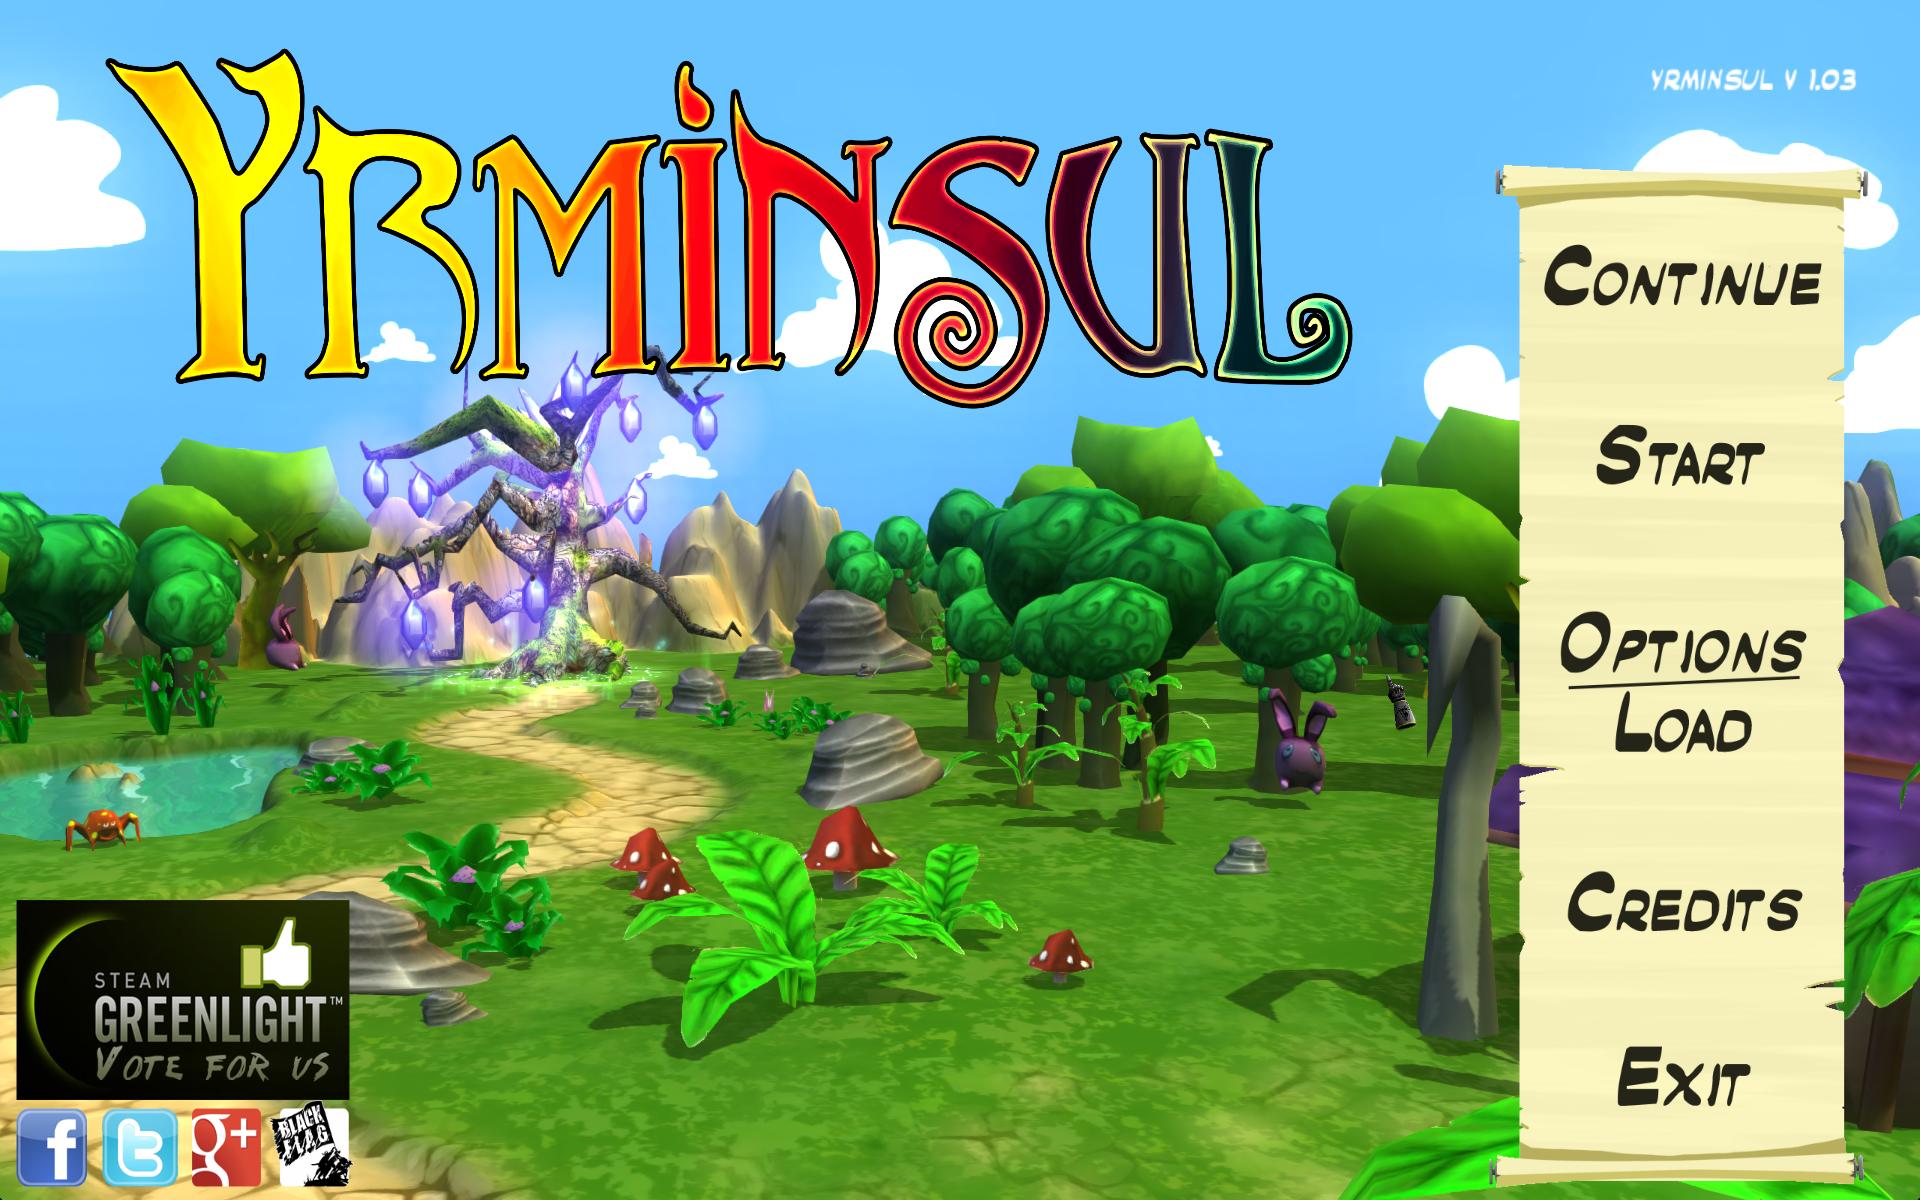 Gagnez une clé pour jouer à Yrminsul !